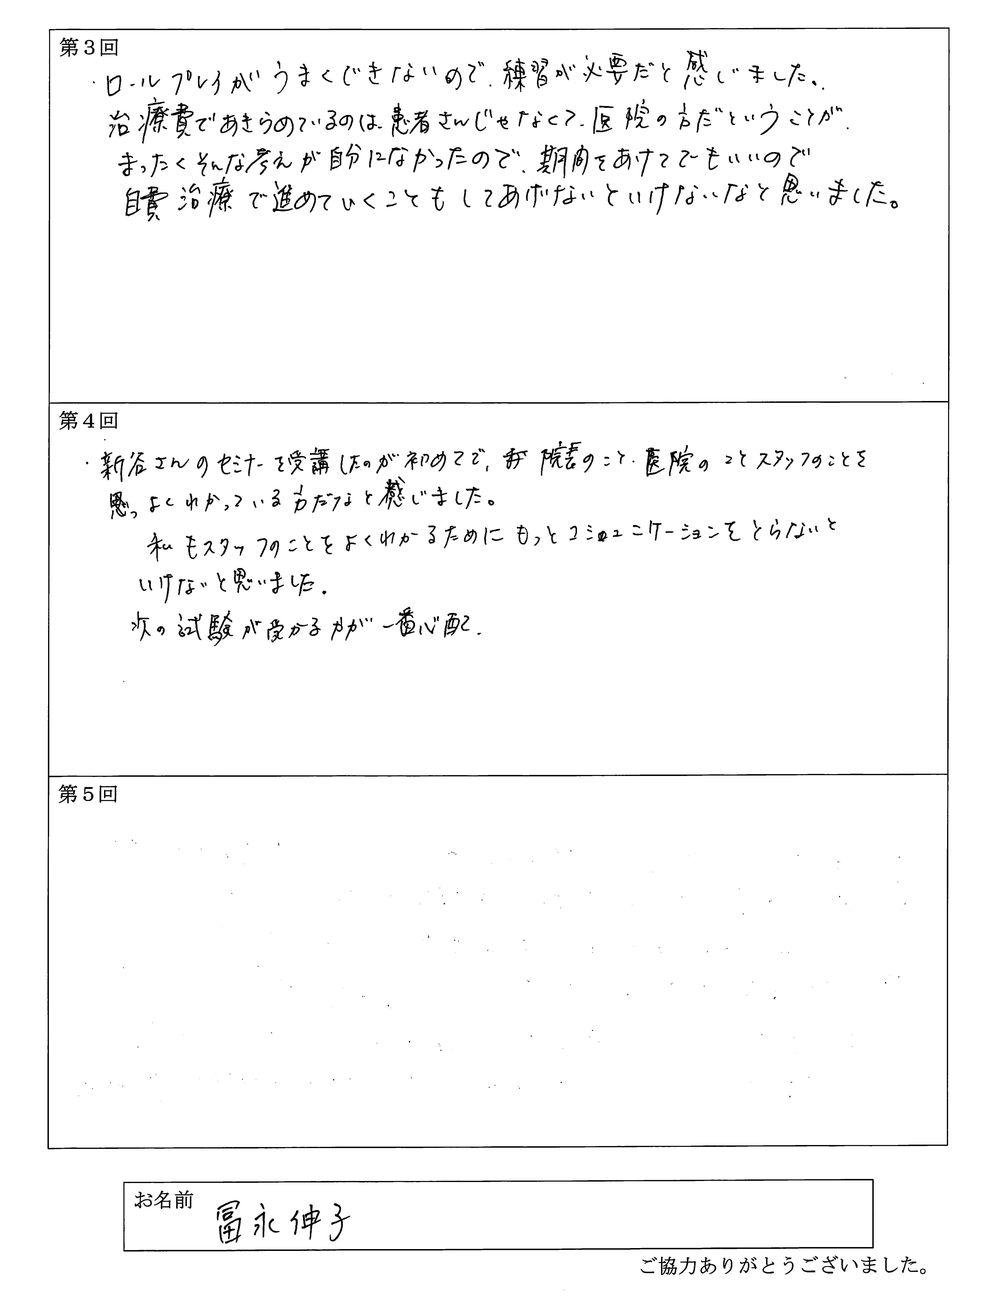 富永 伸子様アンケート